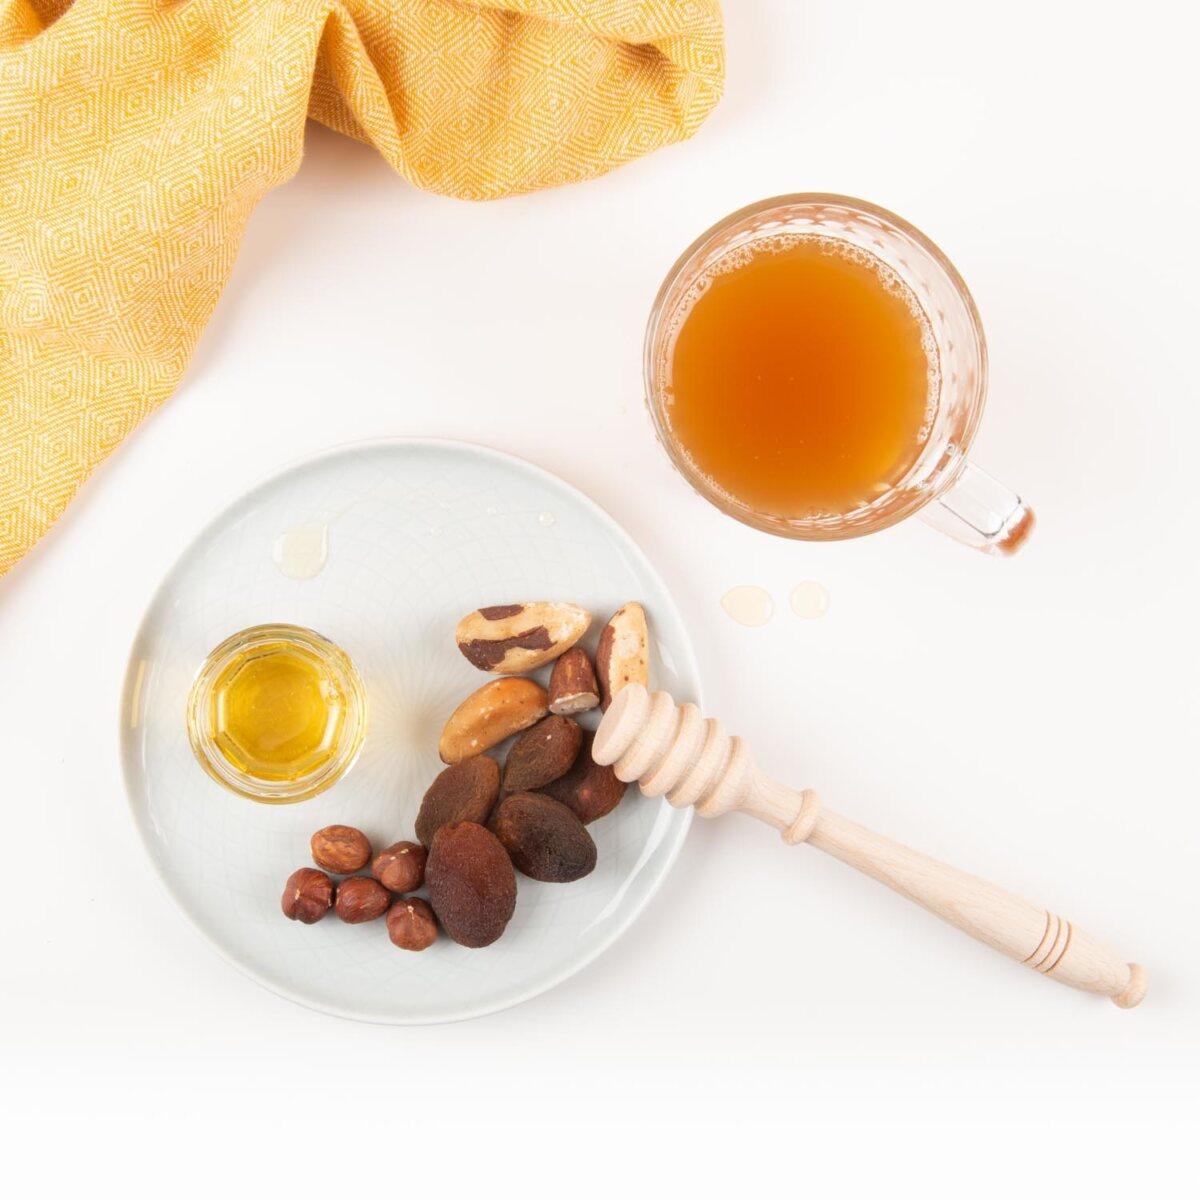 dipper voor honing